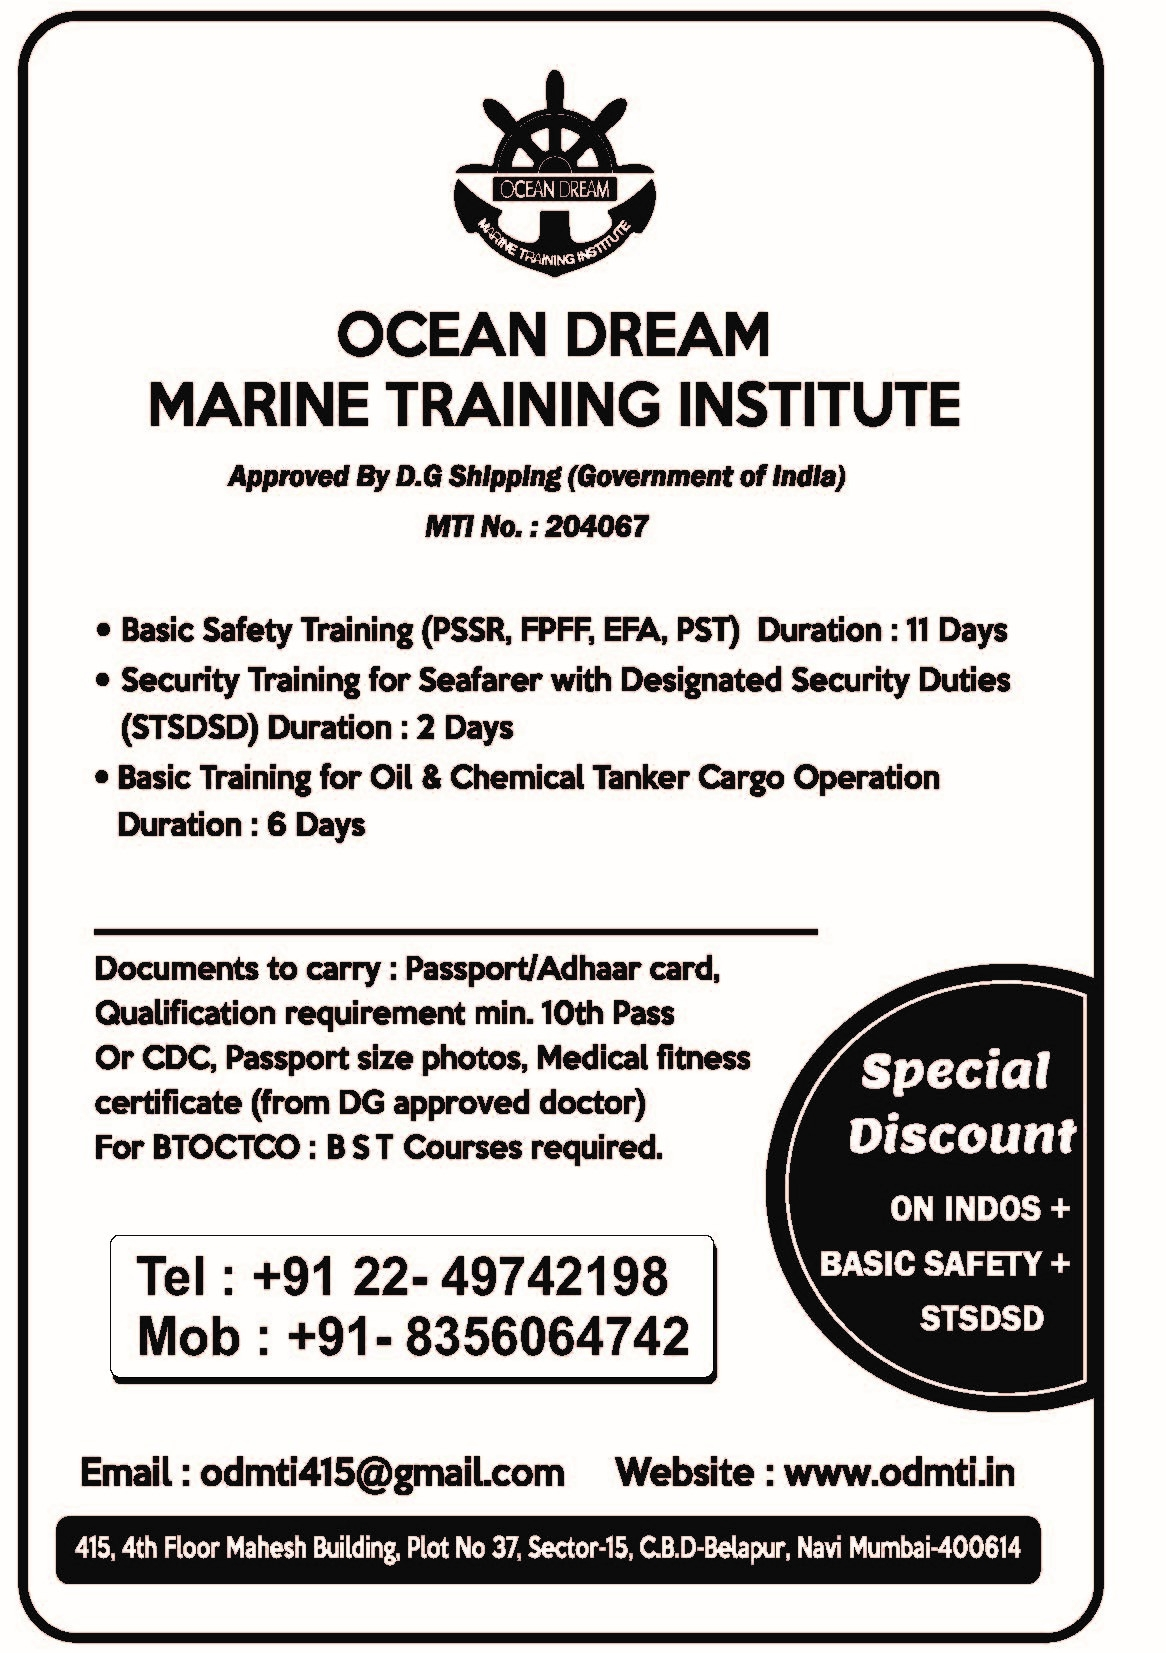 Ocean Dream Marine Training Institute